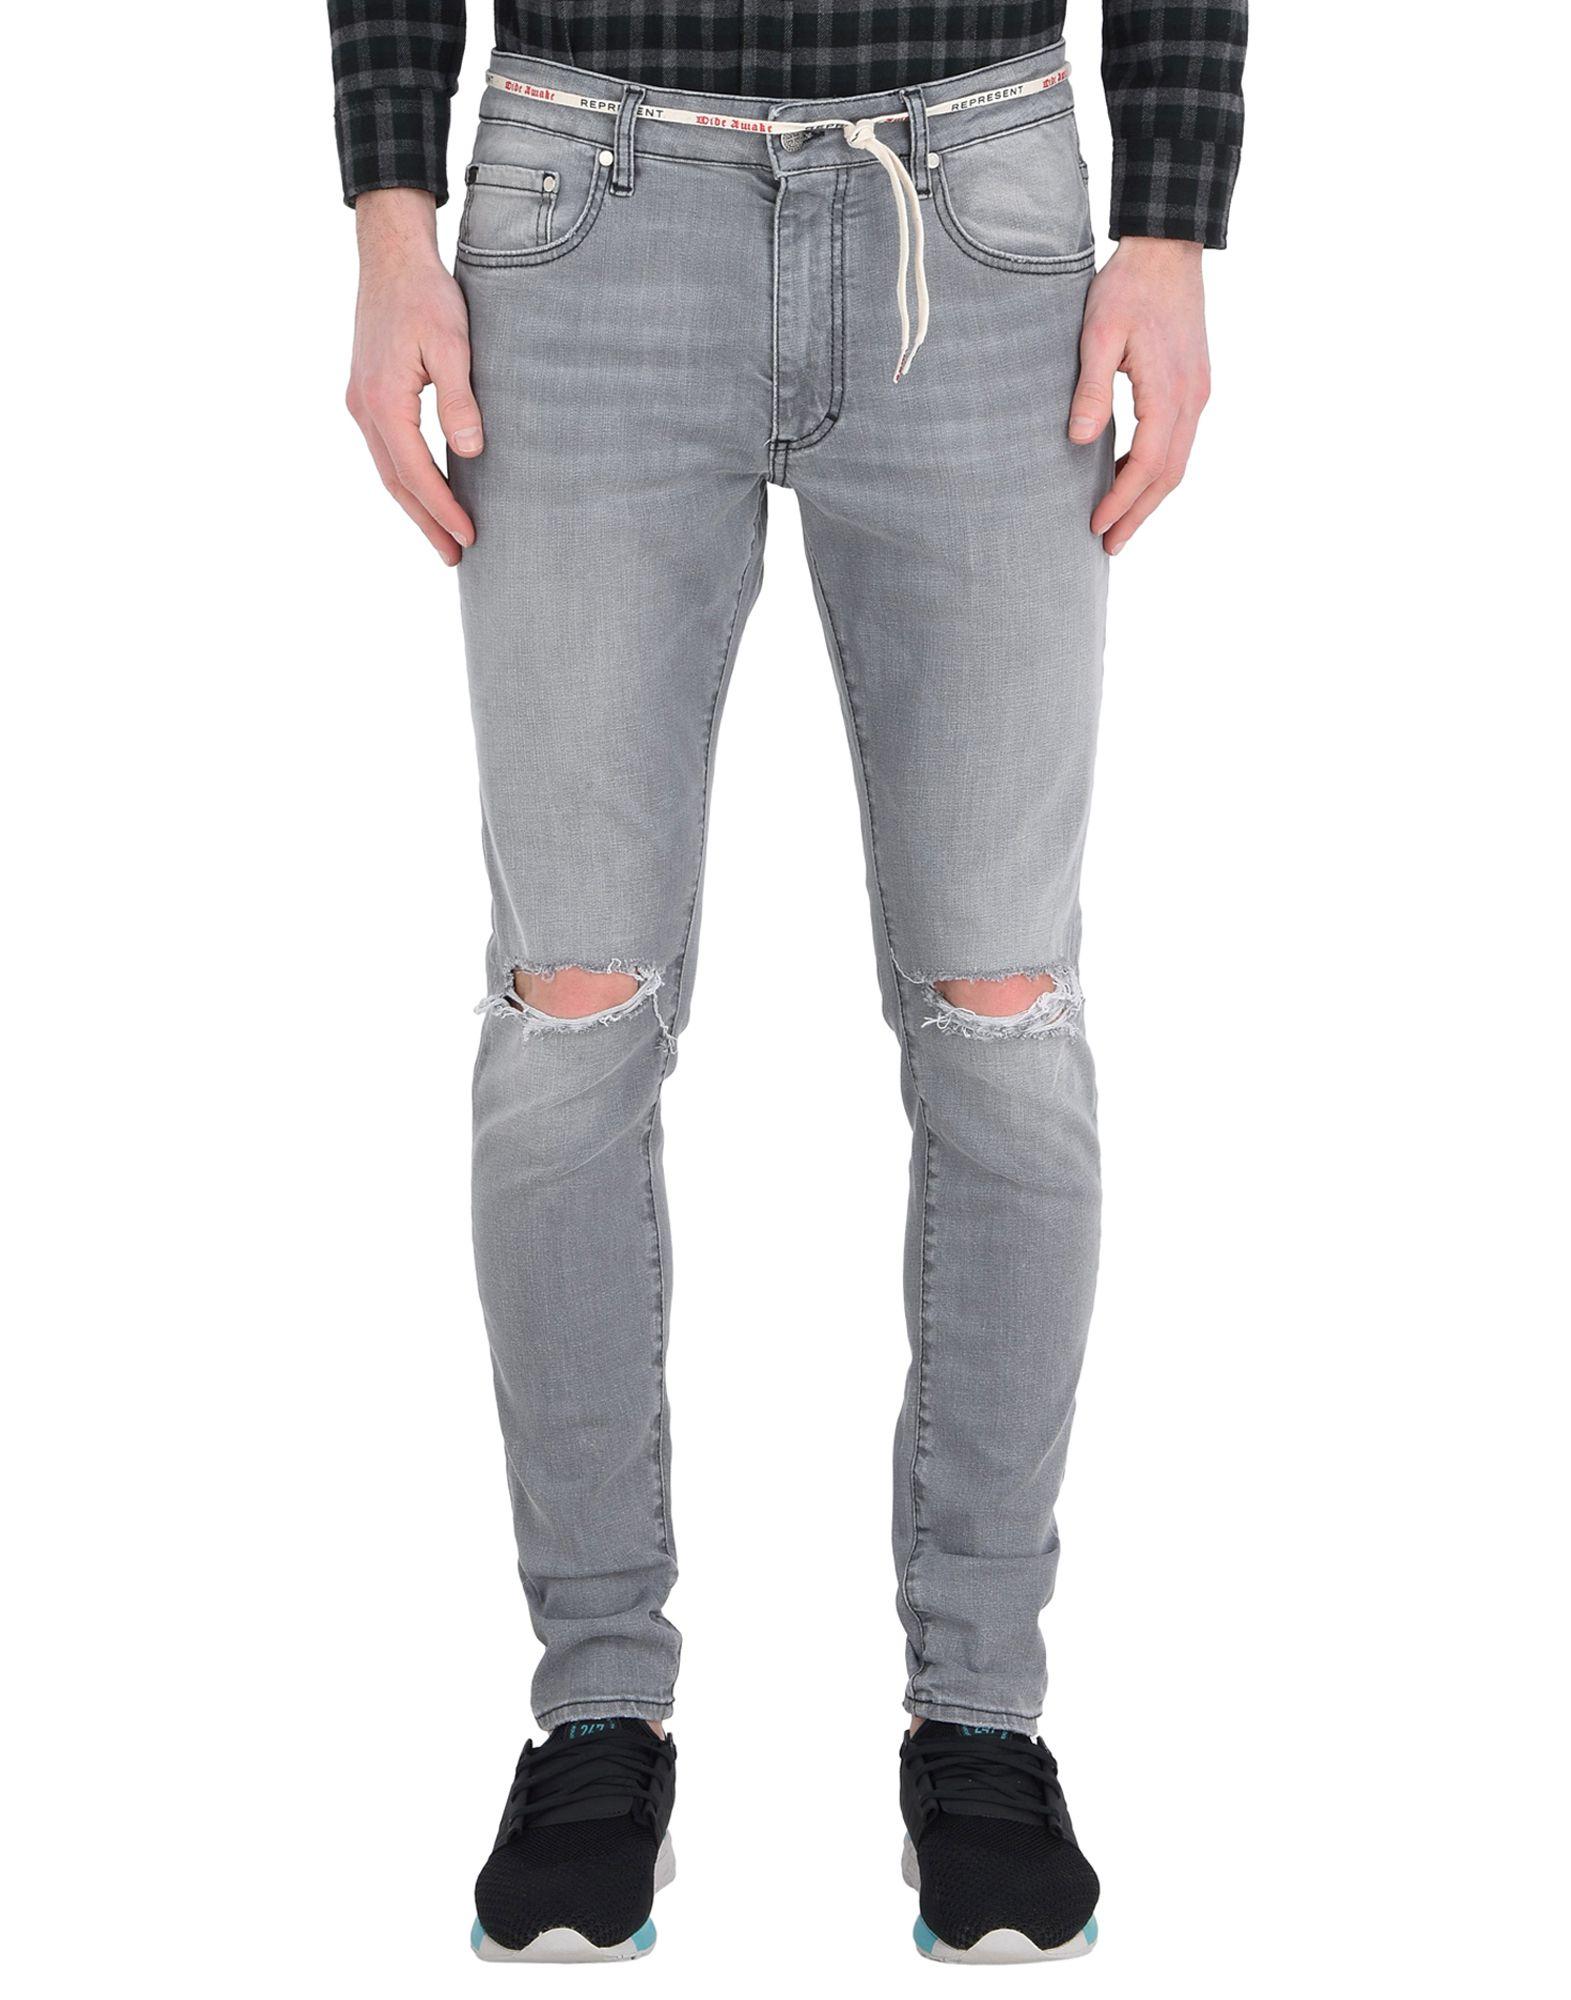 Pantaloni Jeans Represent Uomo - Acquista online su